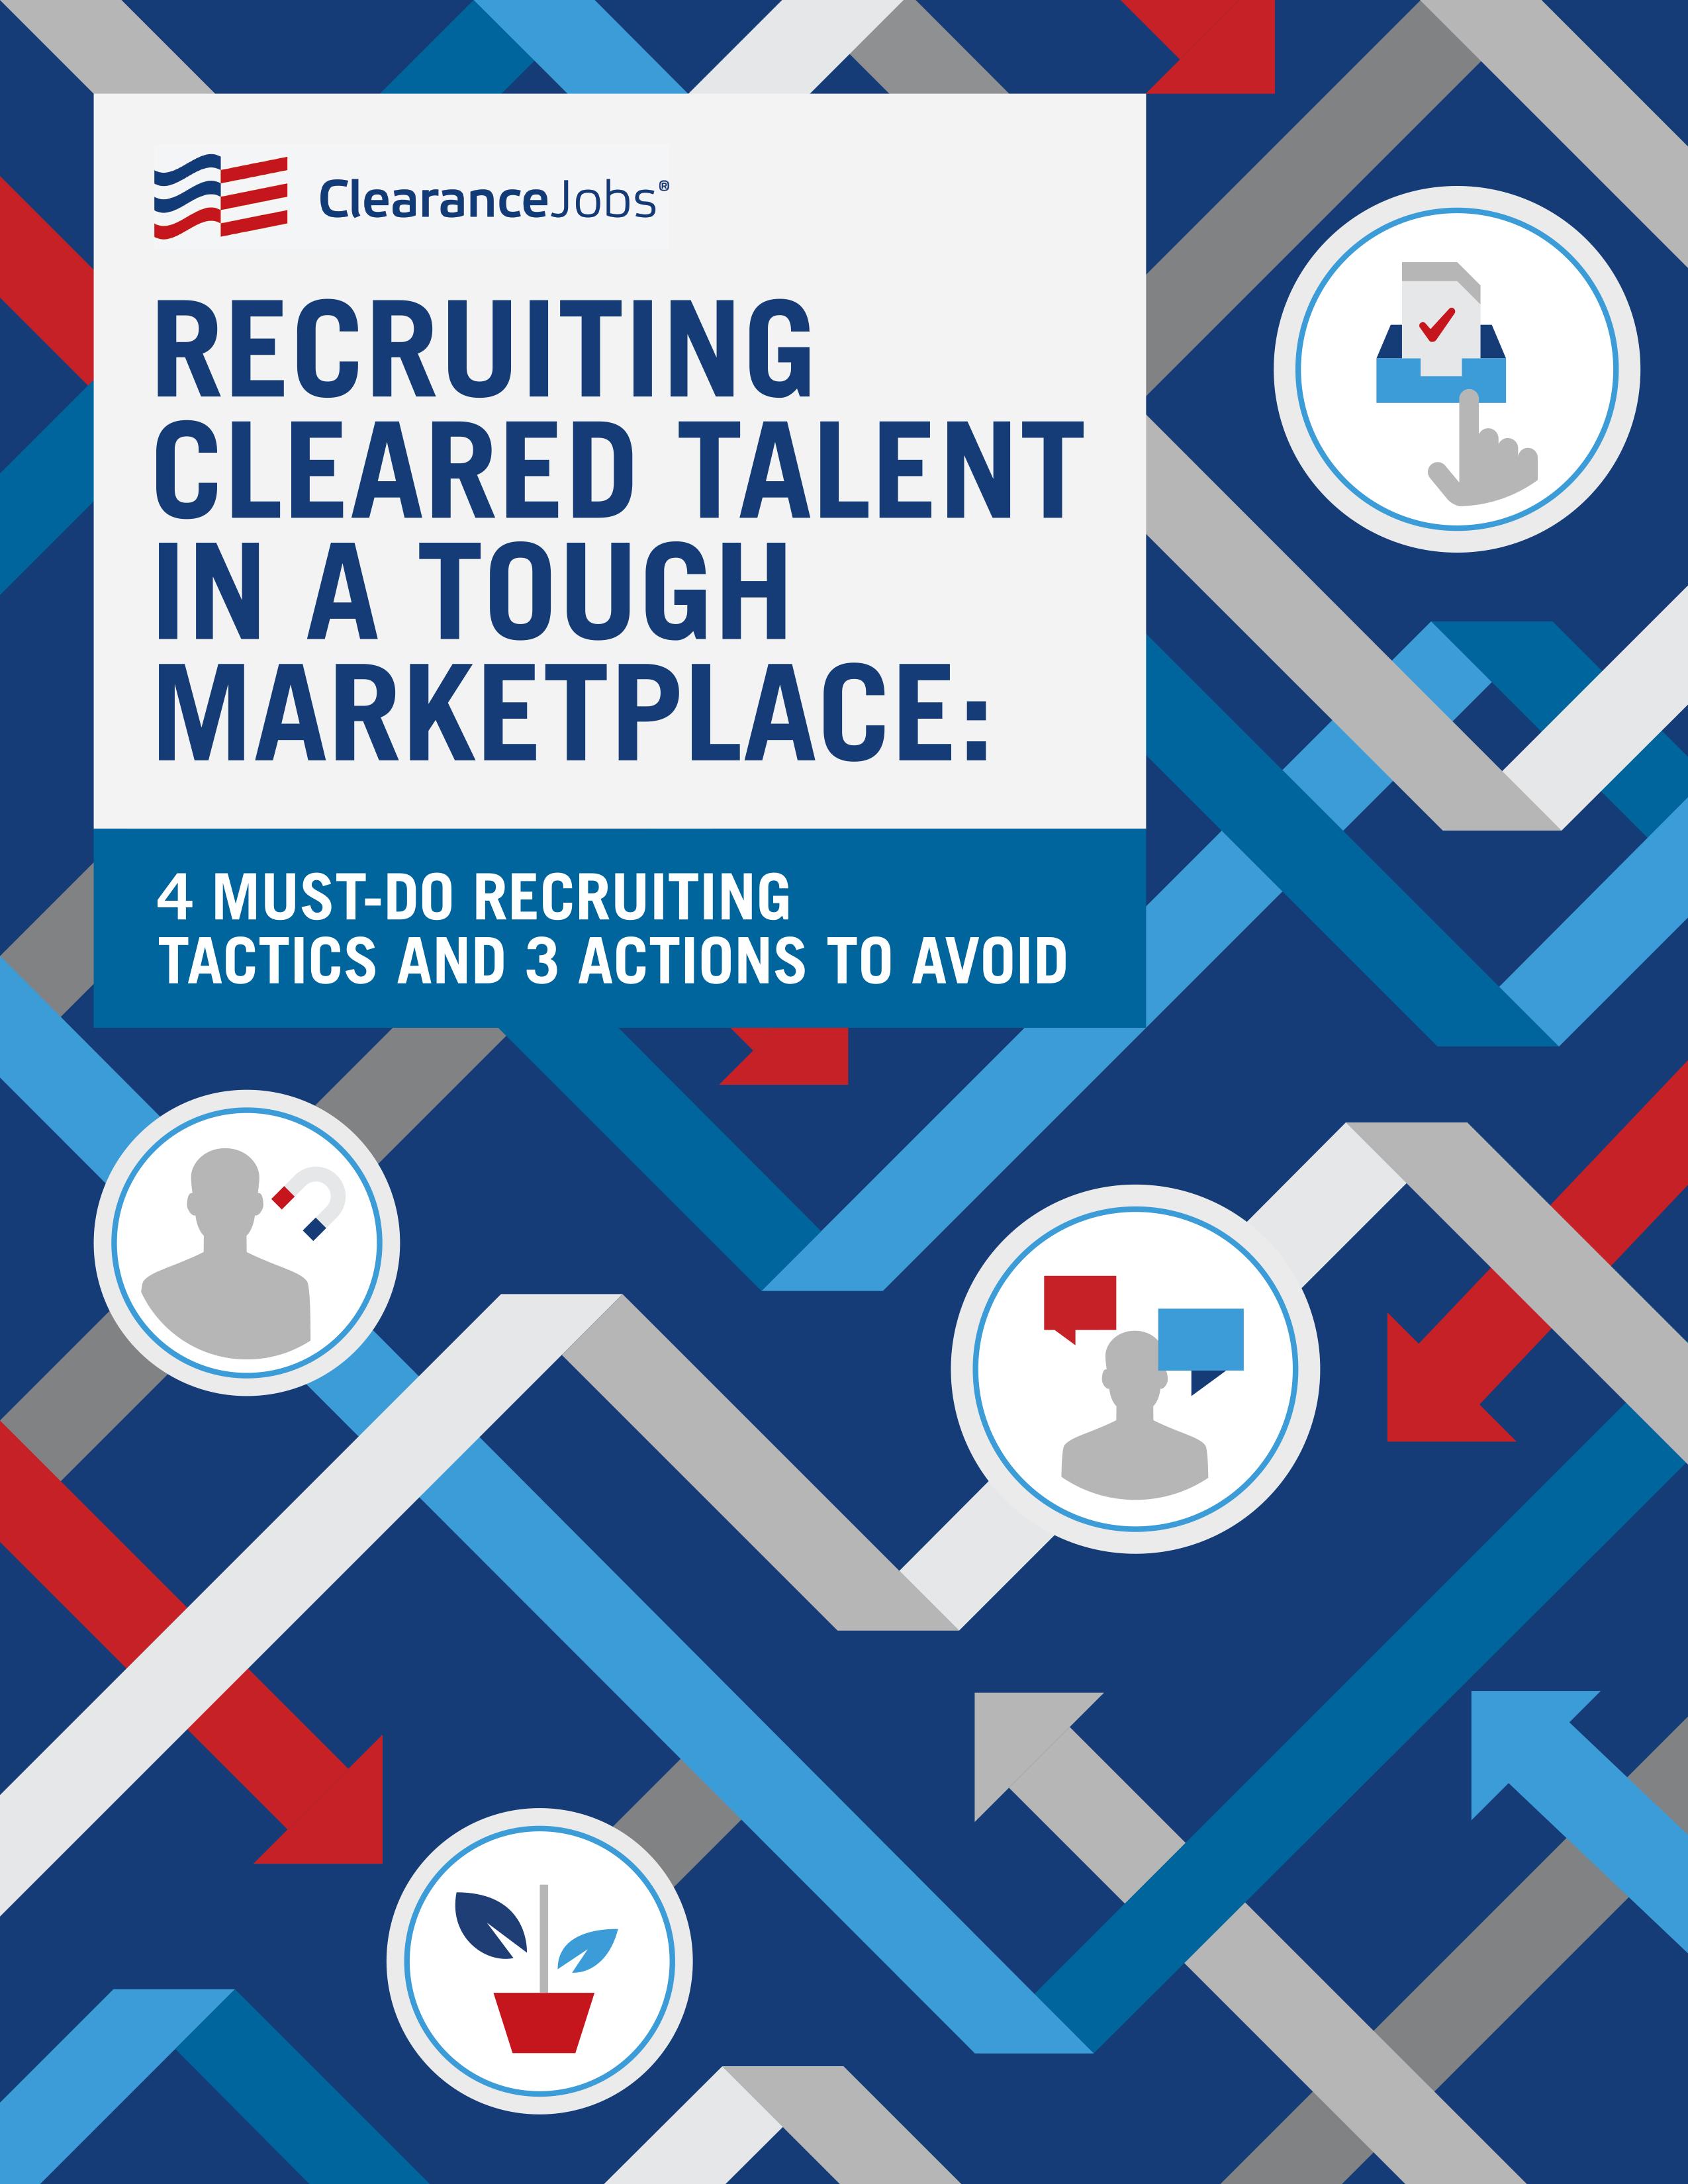 RecruitingforClearedTalentinaToughMarketplace-1